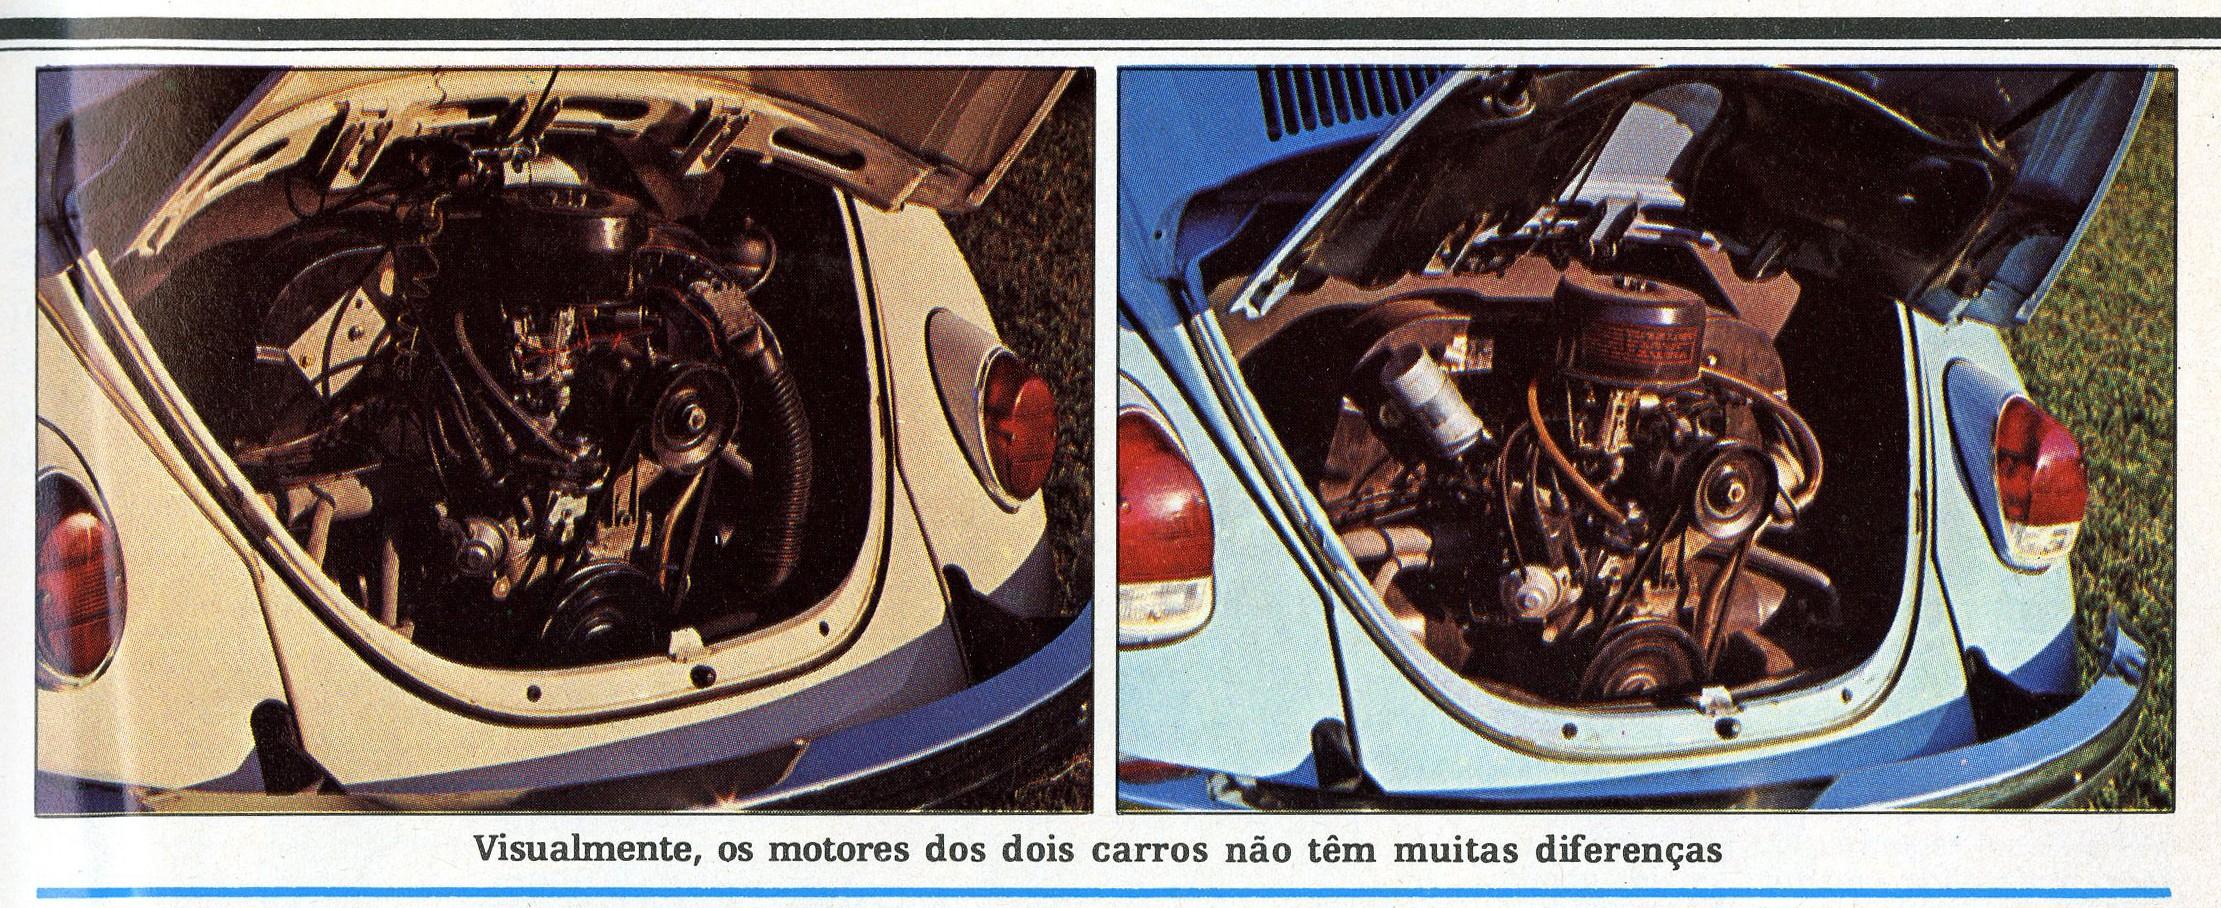 Comparativo entre os motores - original e adaptado (Foto: Autoesporte)